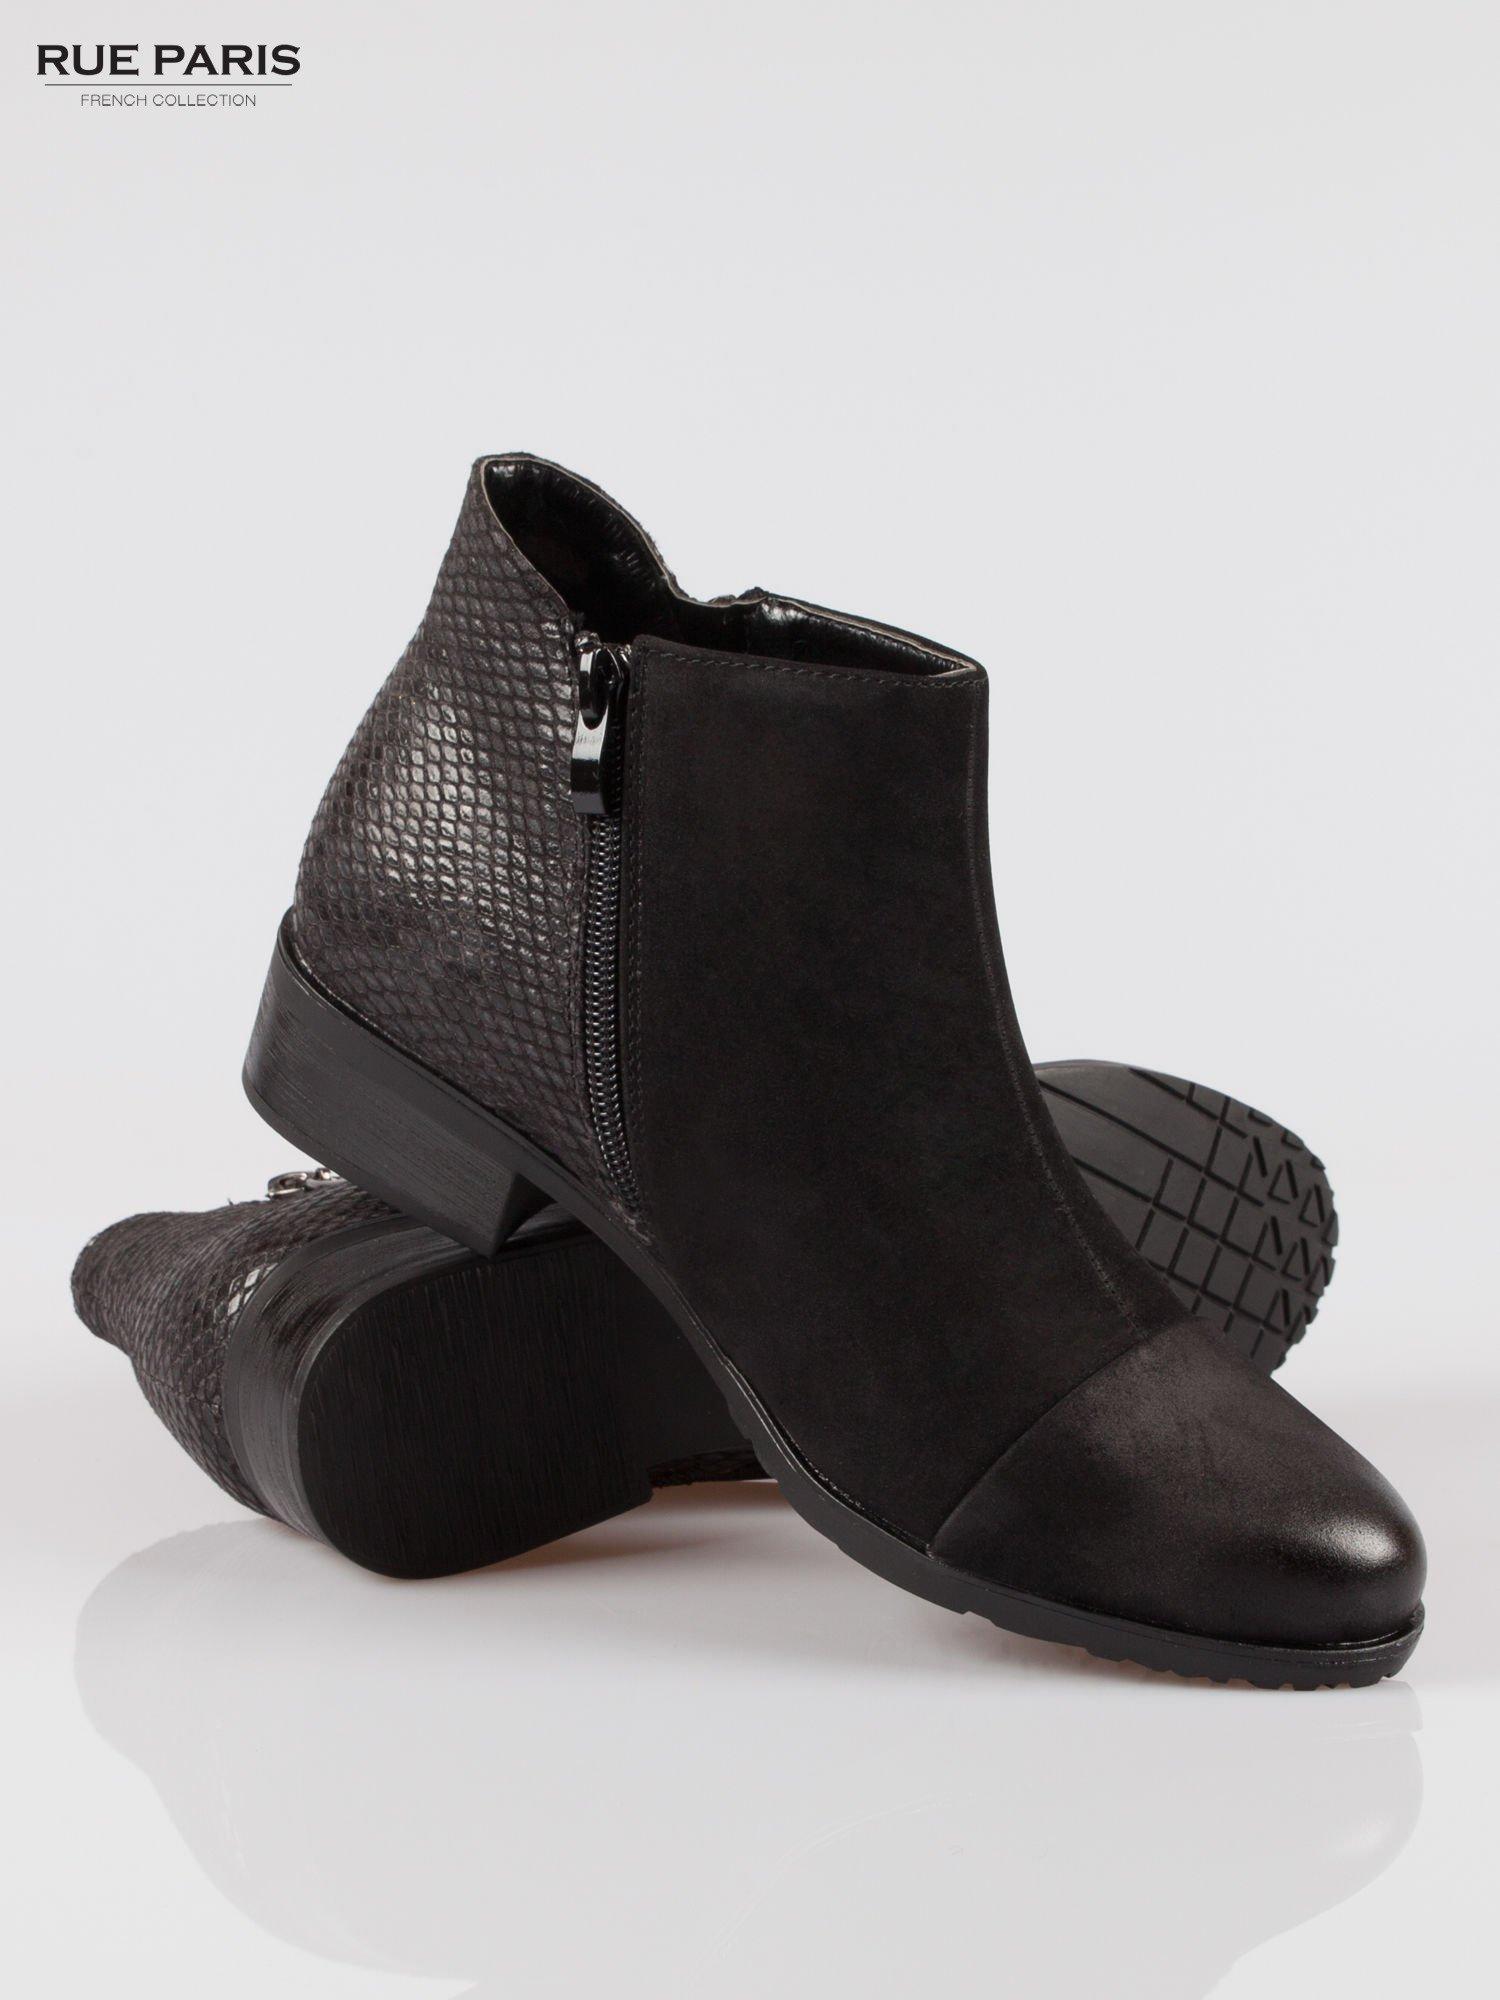 Czarne botki cap toe z nubuku z tyłem z efektem skóry krokodyla                                  zdj.                                  4